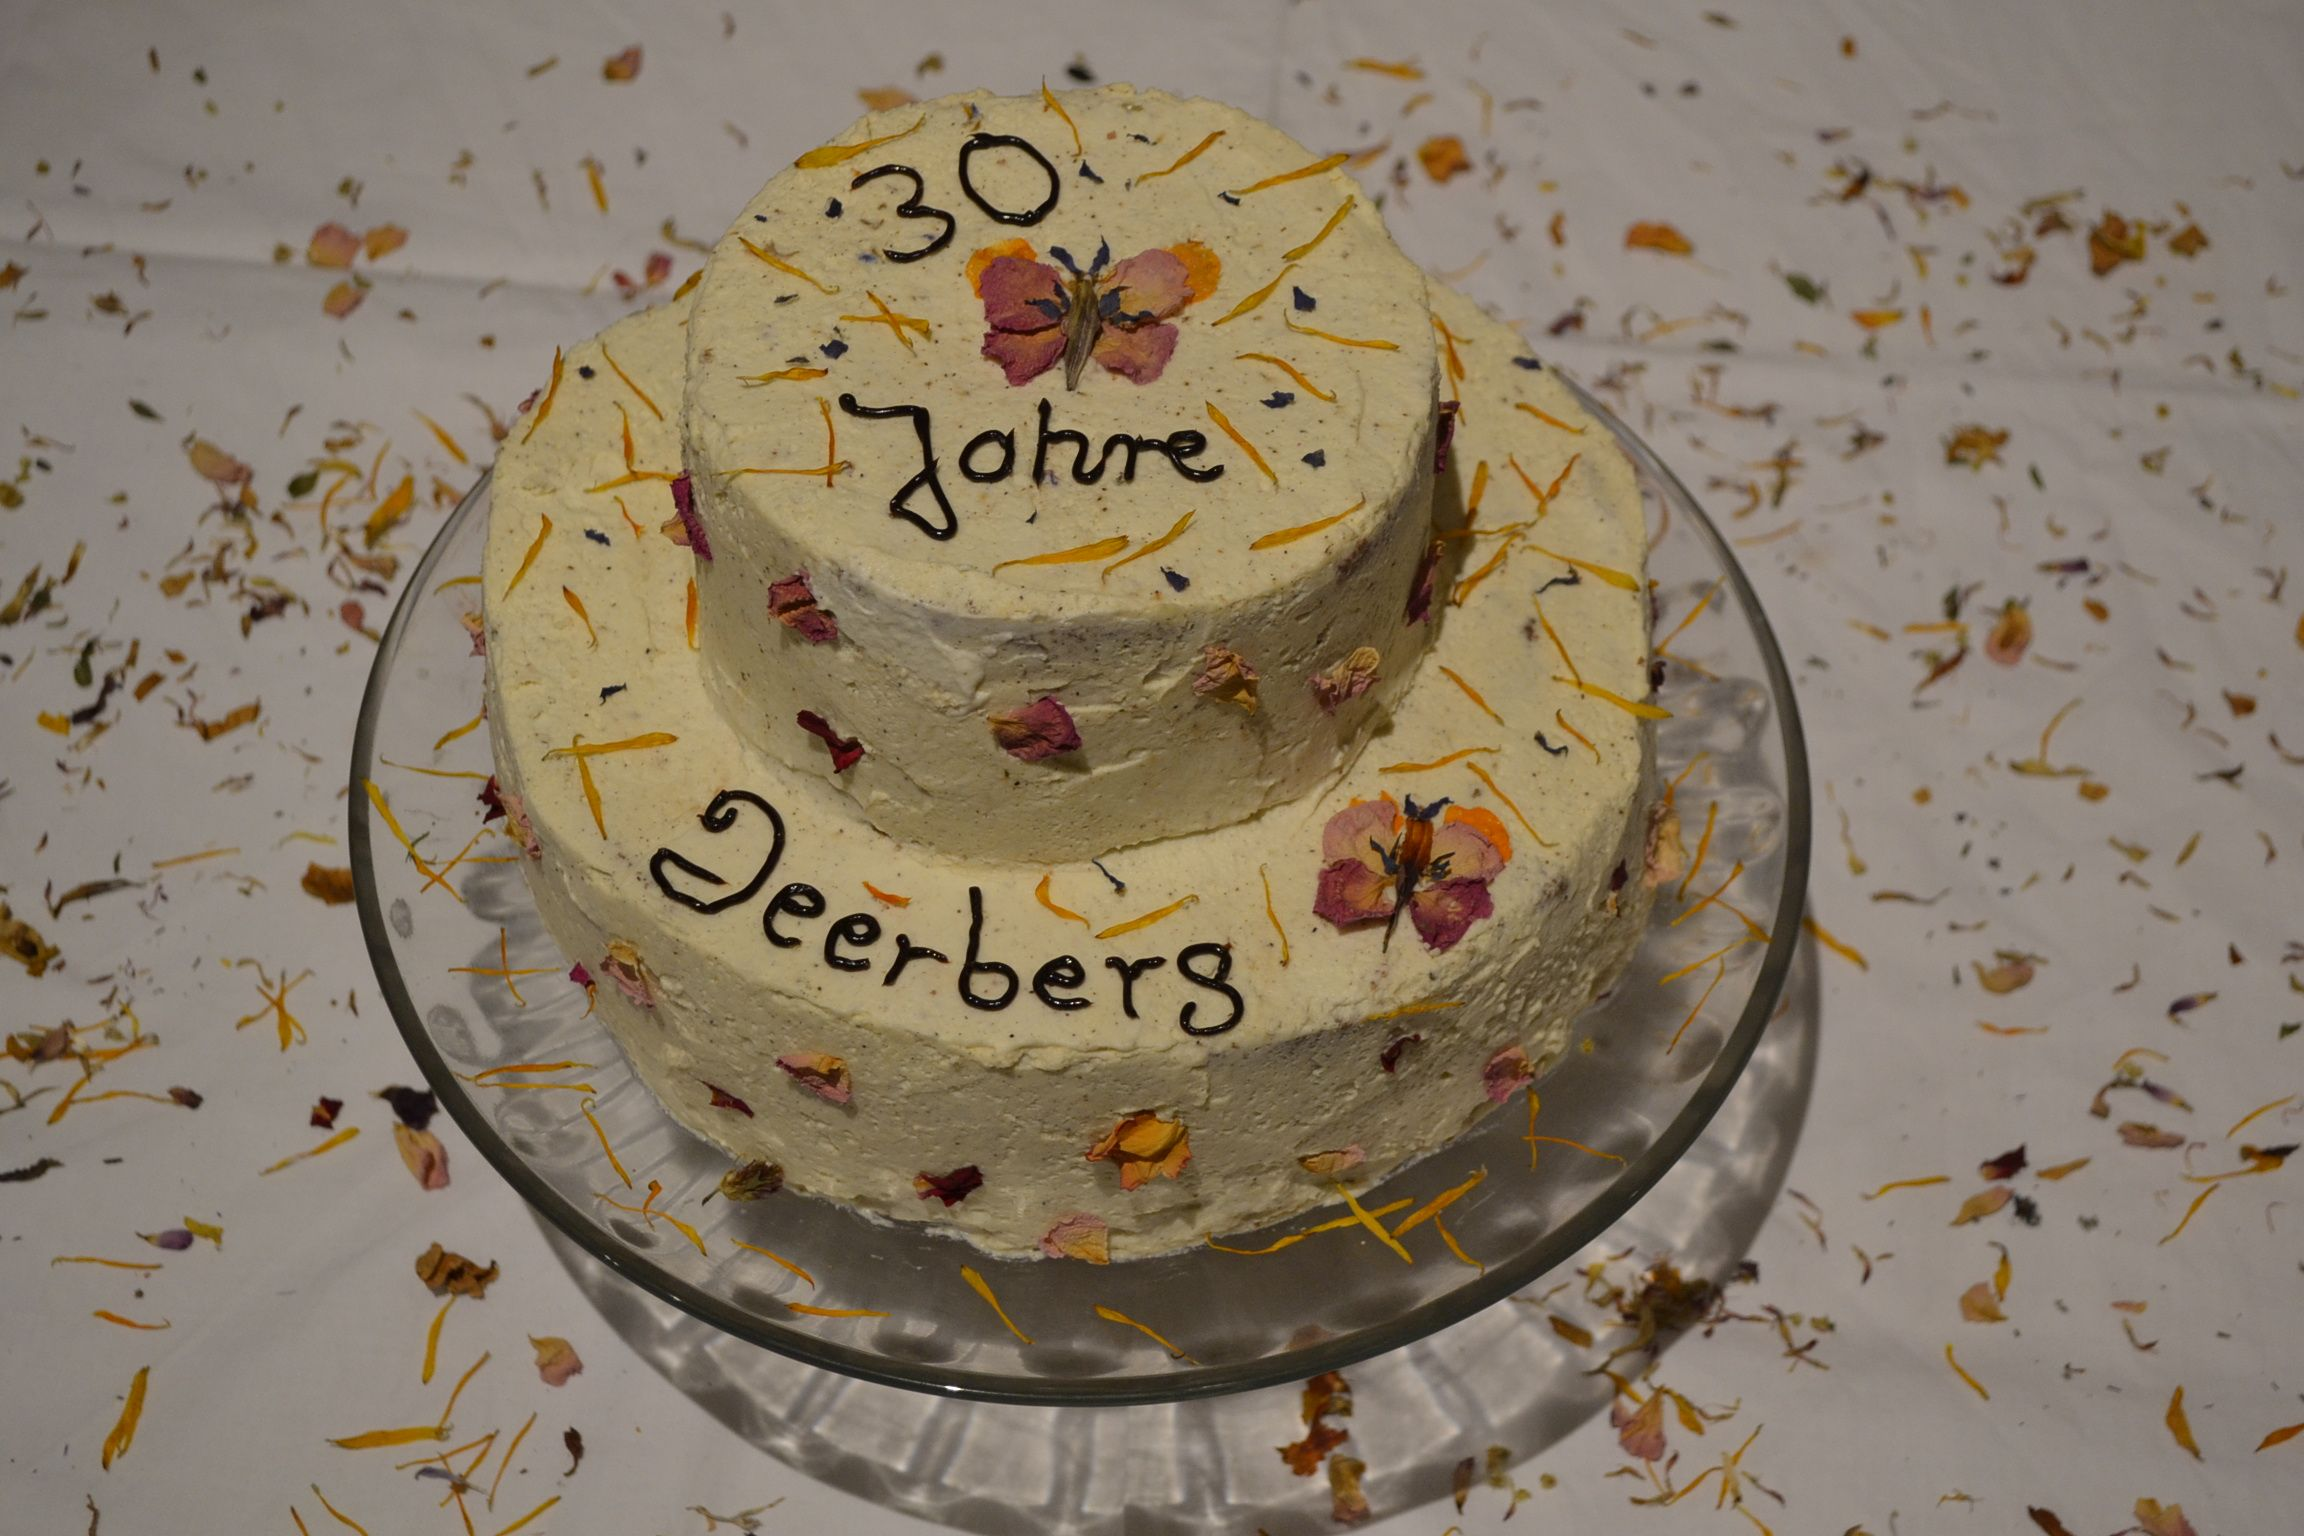 Diese Torte besteht aus mehreren Schichten mit süßen kleinen Schmetterlingen. Stefanie Keßler hat uns diesen lieben Gruß geschickt.